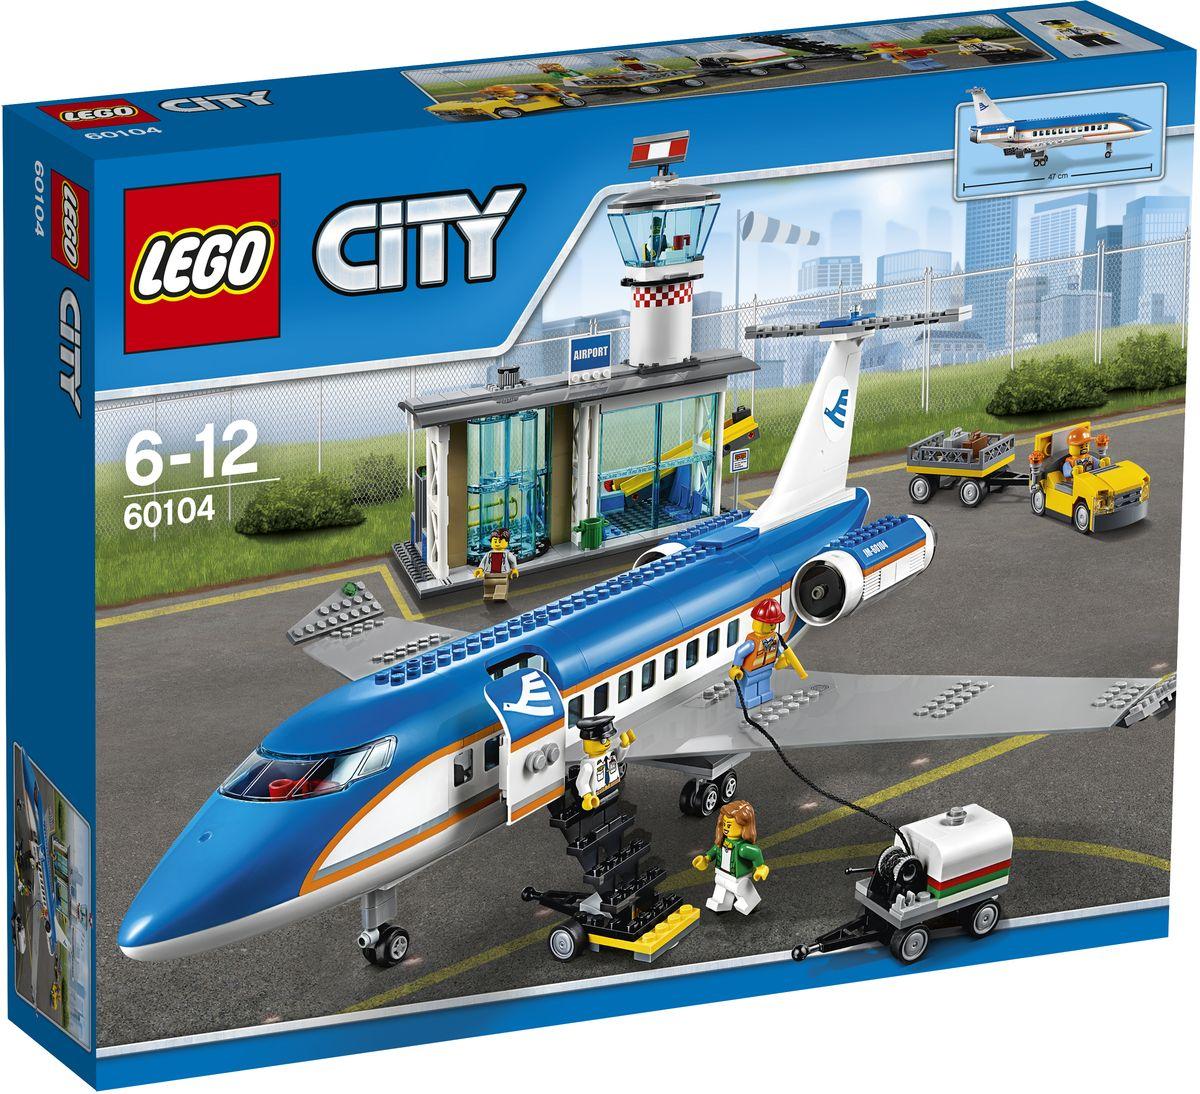 LEGO City Конструктор Пассажирский терминал аэропорта 6010460104Собирайте вещи - отпуск начинается! Отправляйтесь в аэропорт и зарегистрируйтесь в терминале вылета. Положите свой багаж на ленту транспортера и смотрите, как его загружают в пассажирский самолет. Пройдите проверку безопасности и через вращающиеся двери выходите на посадочную площадку. Поднимитесь по трапу и пристегните ремни - вас ждут приключения! Набор включает в себя 694 разноцветных пластиковых элемента. Конструктор - это один из самых увлекательных и веселых способов времяпрепровождения. Ребенок сможет часами играть с конструктором, придумывая различные ситуации и истории.